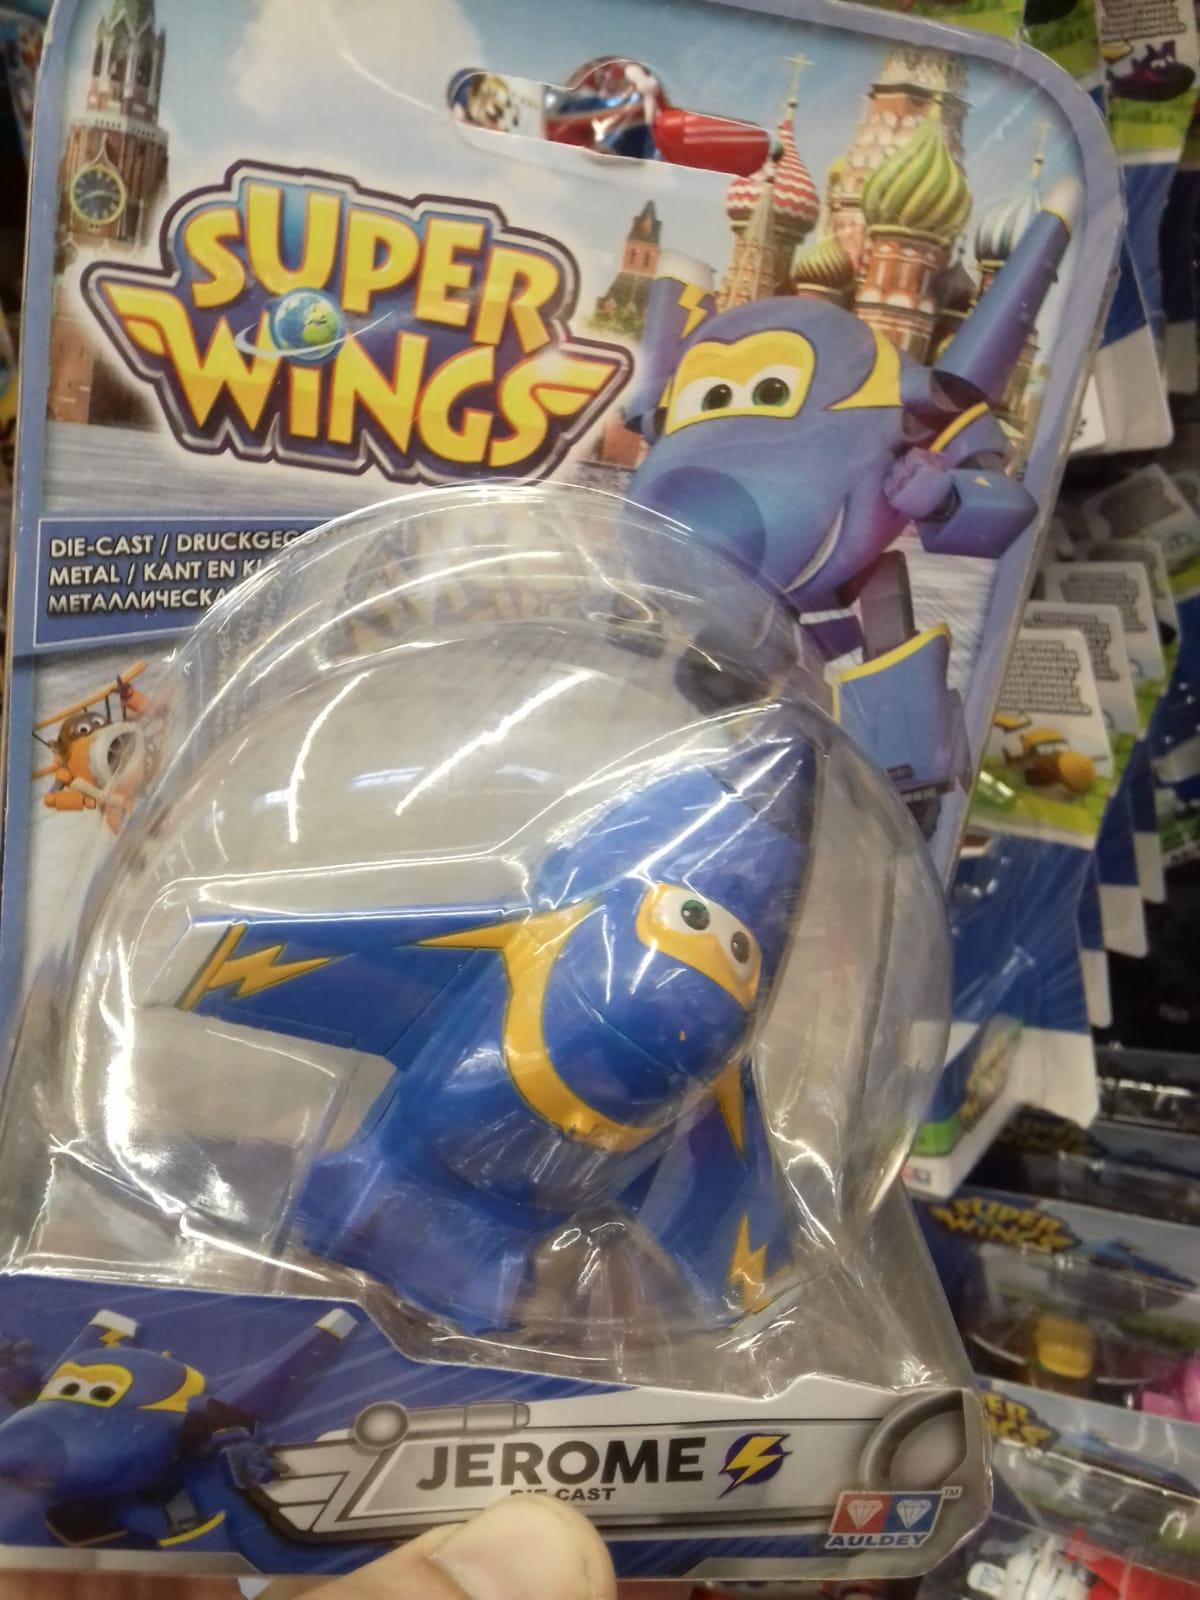 Zabawka Samolot Lotek z filmu Super Wings  AUCHAN Janki